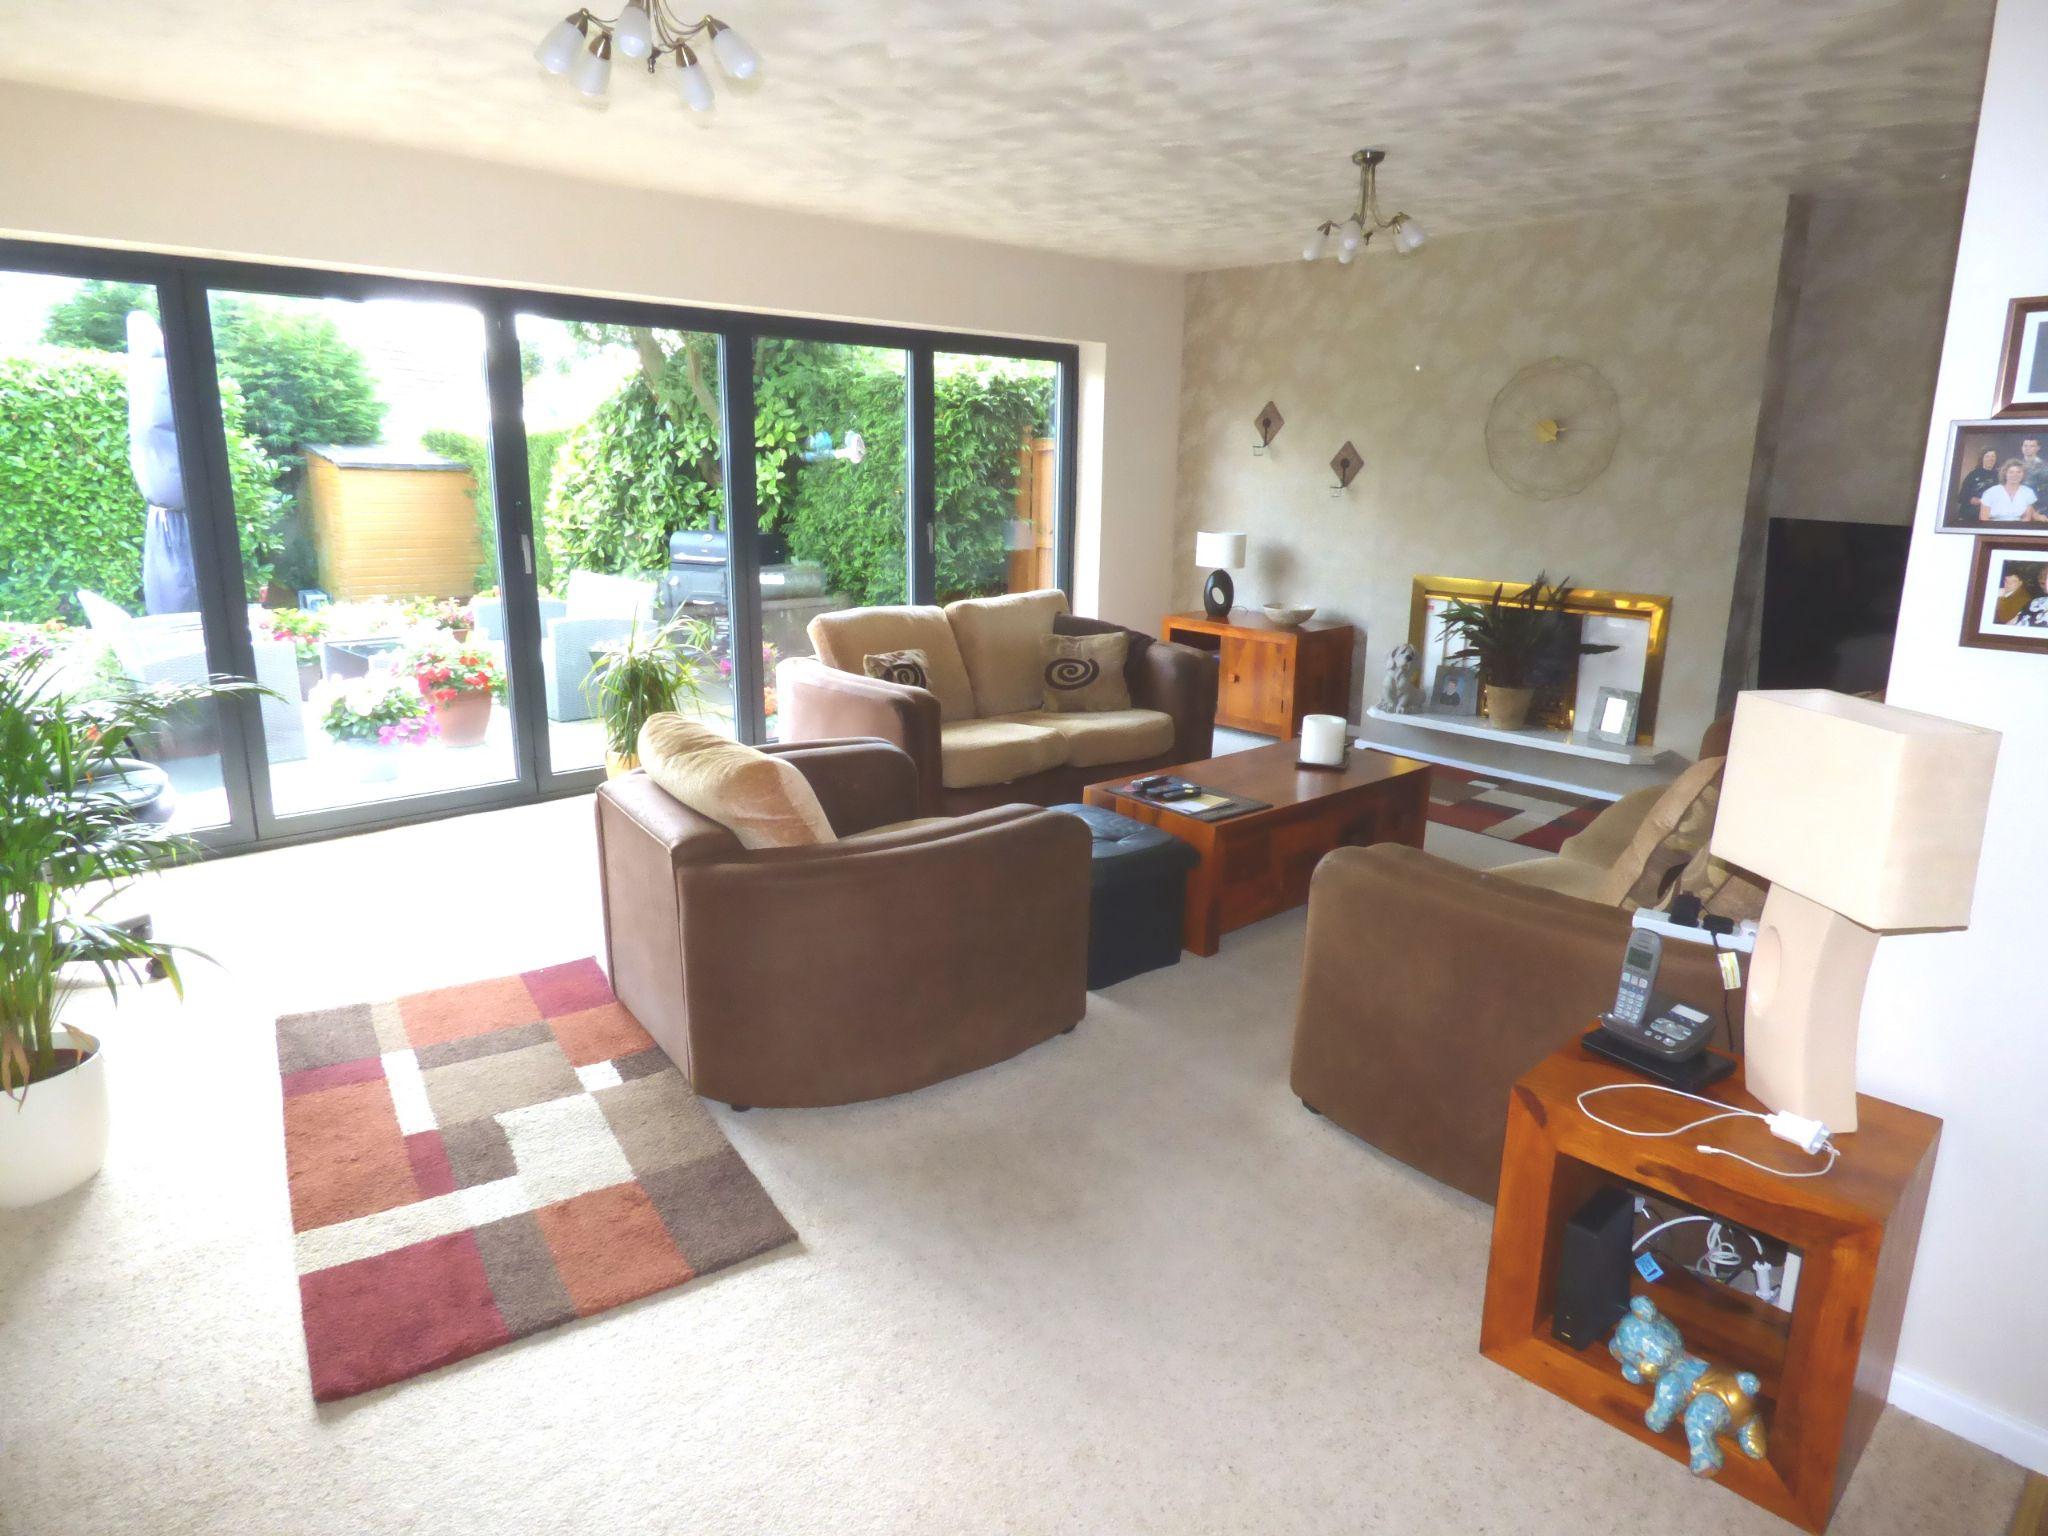 5 Bedroom Detached Bungalow For Sale - Photograph 2